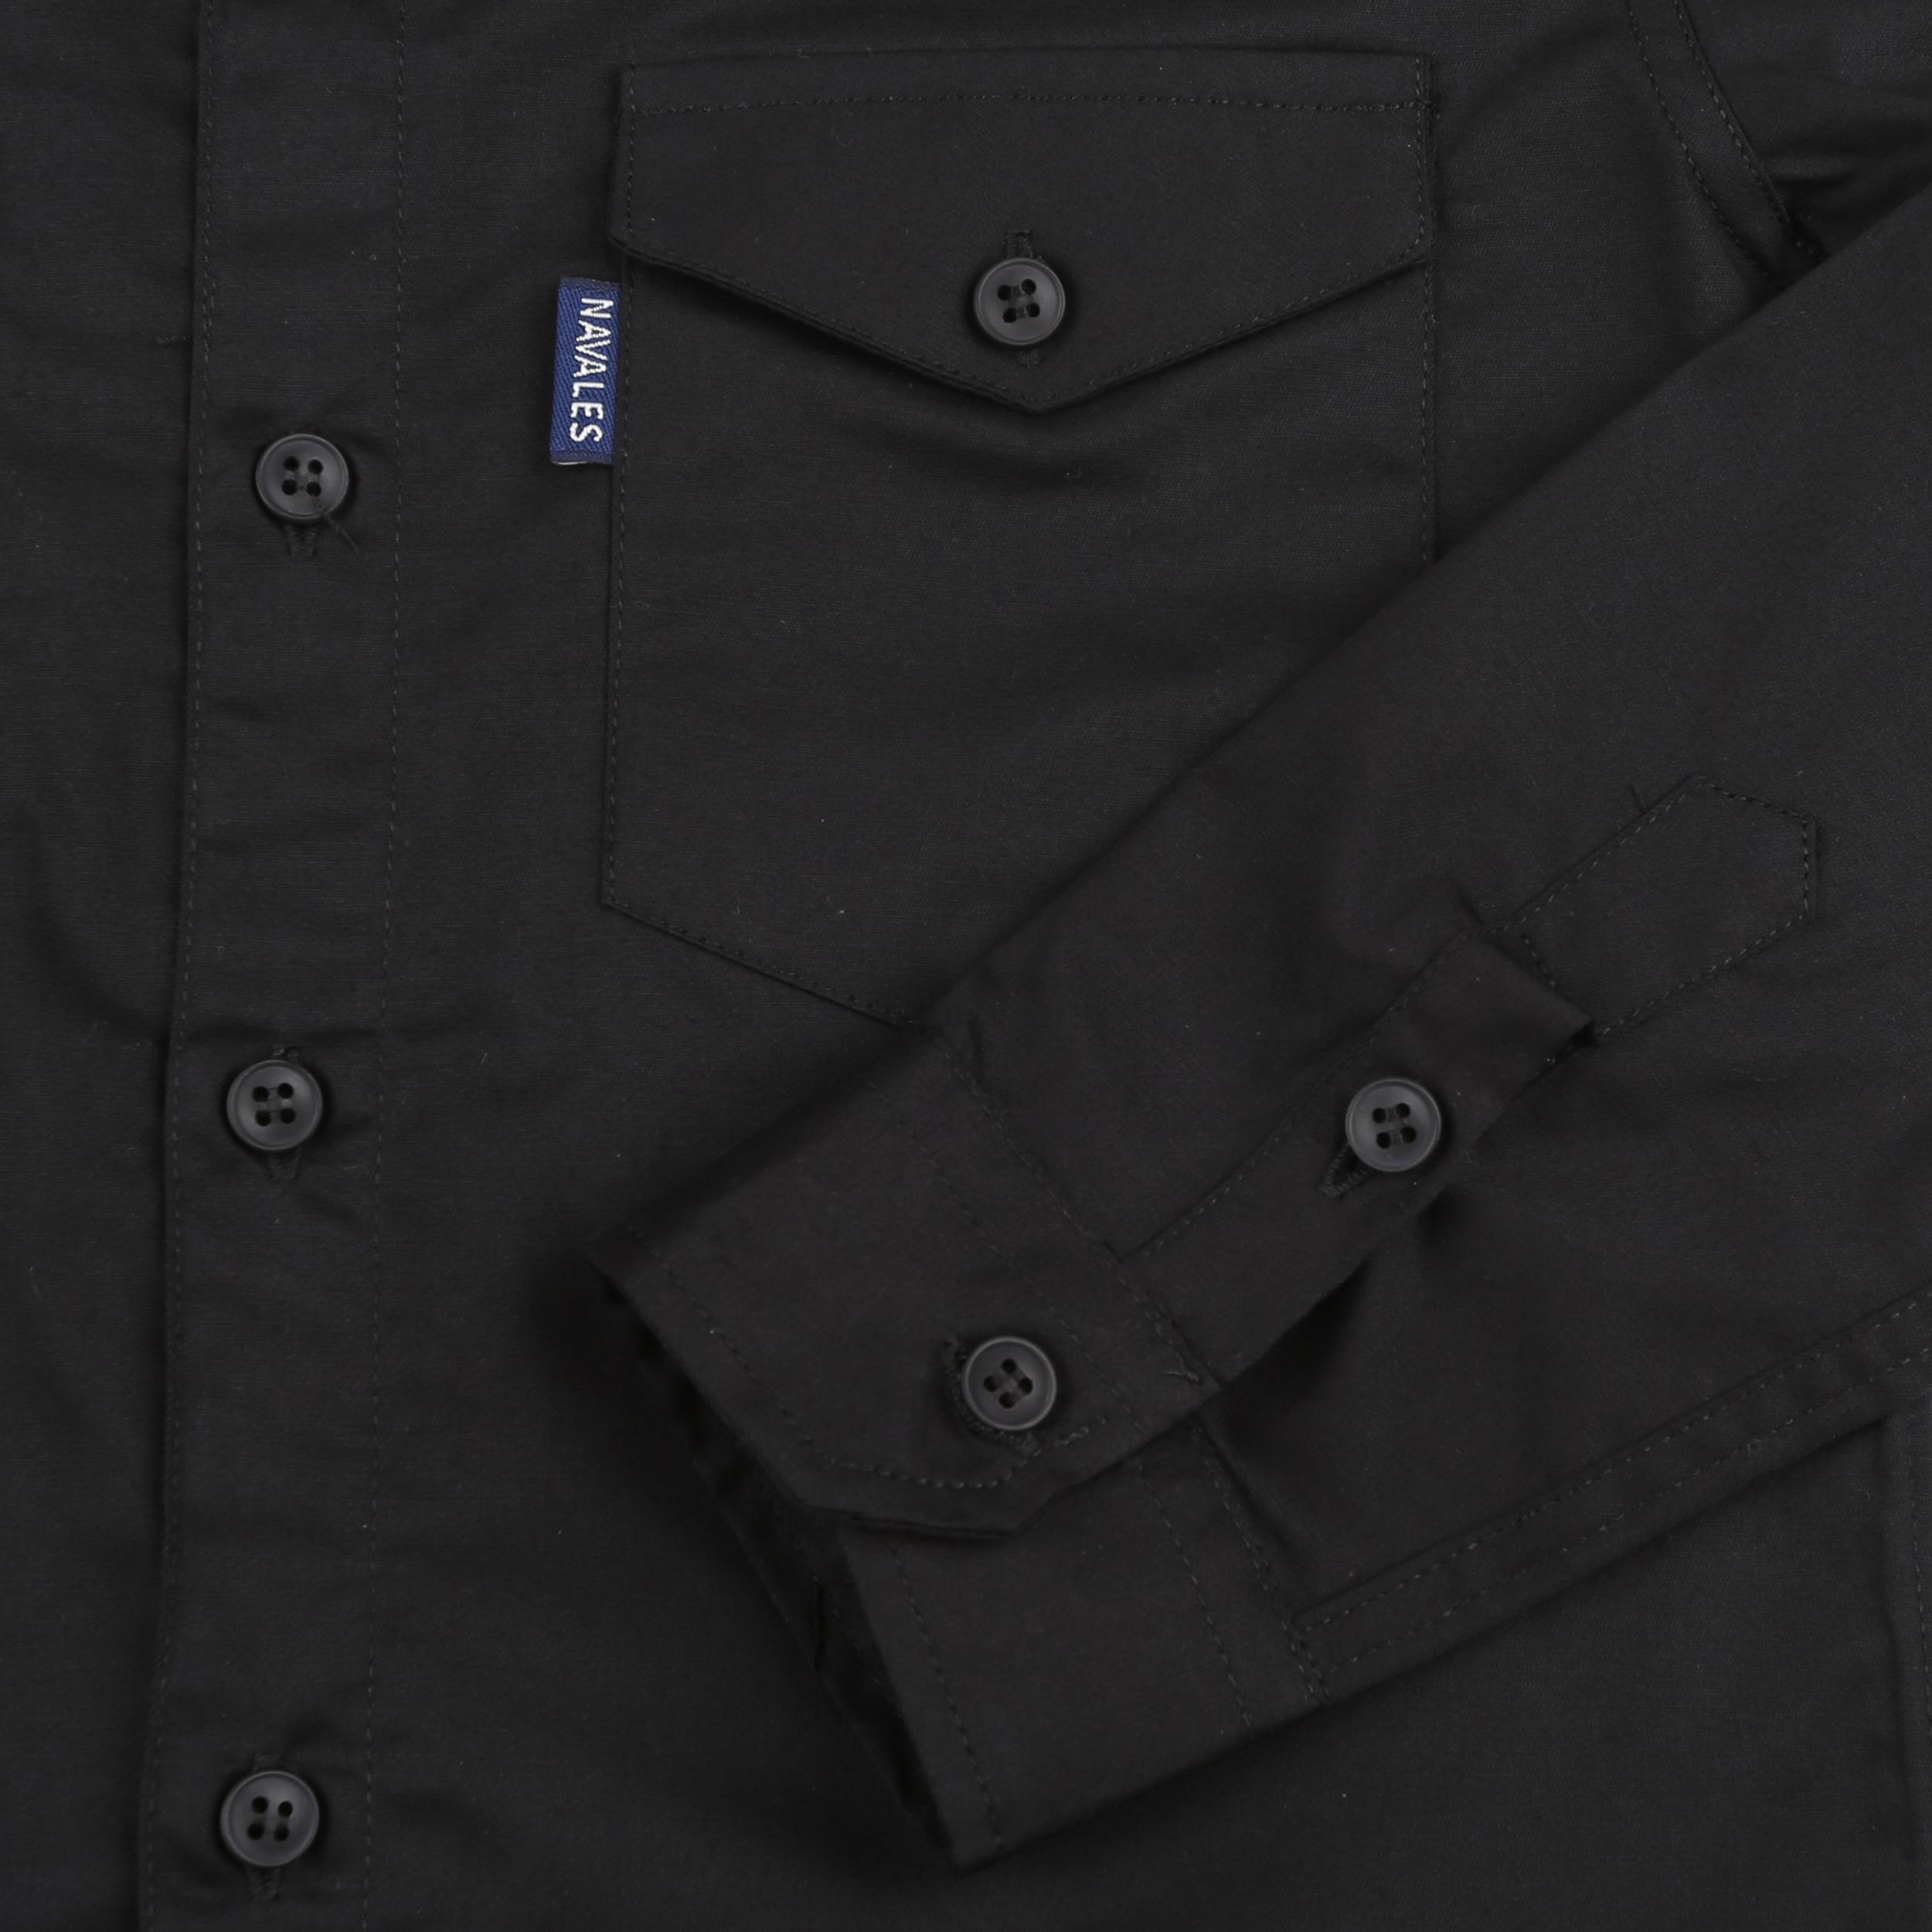 پیراهن پسرانه ناوالس کد 20119-BK main 1 4